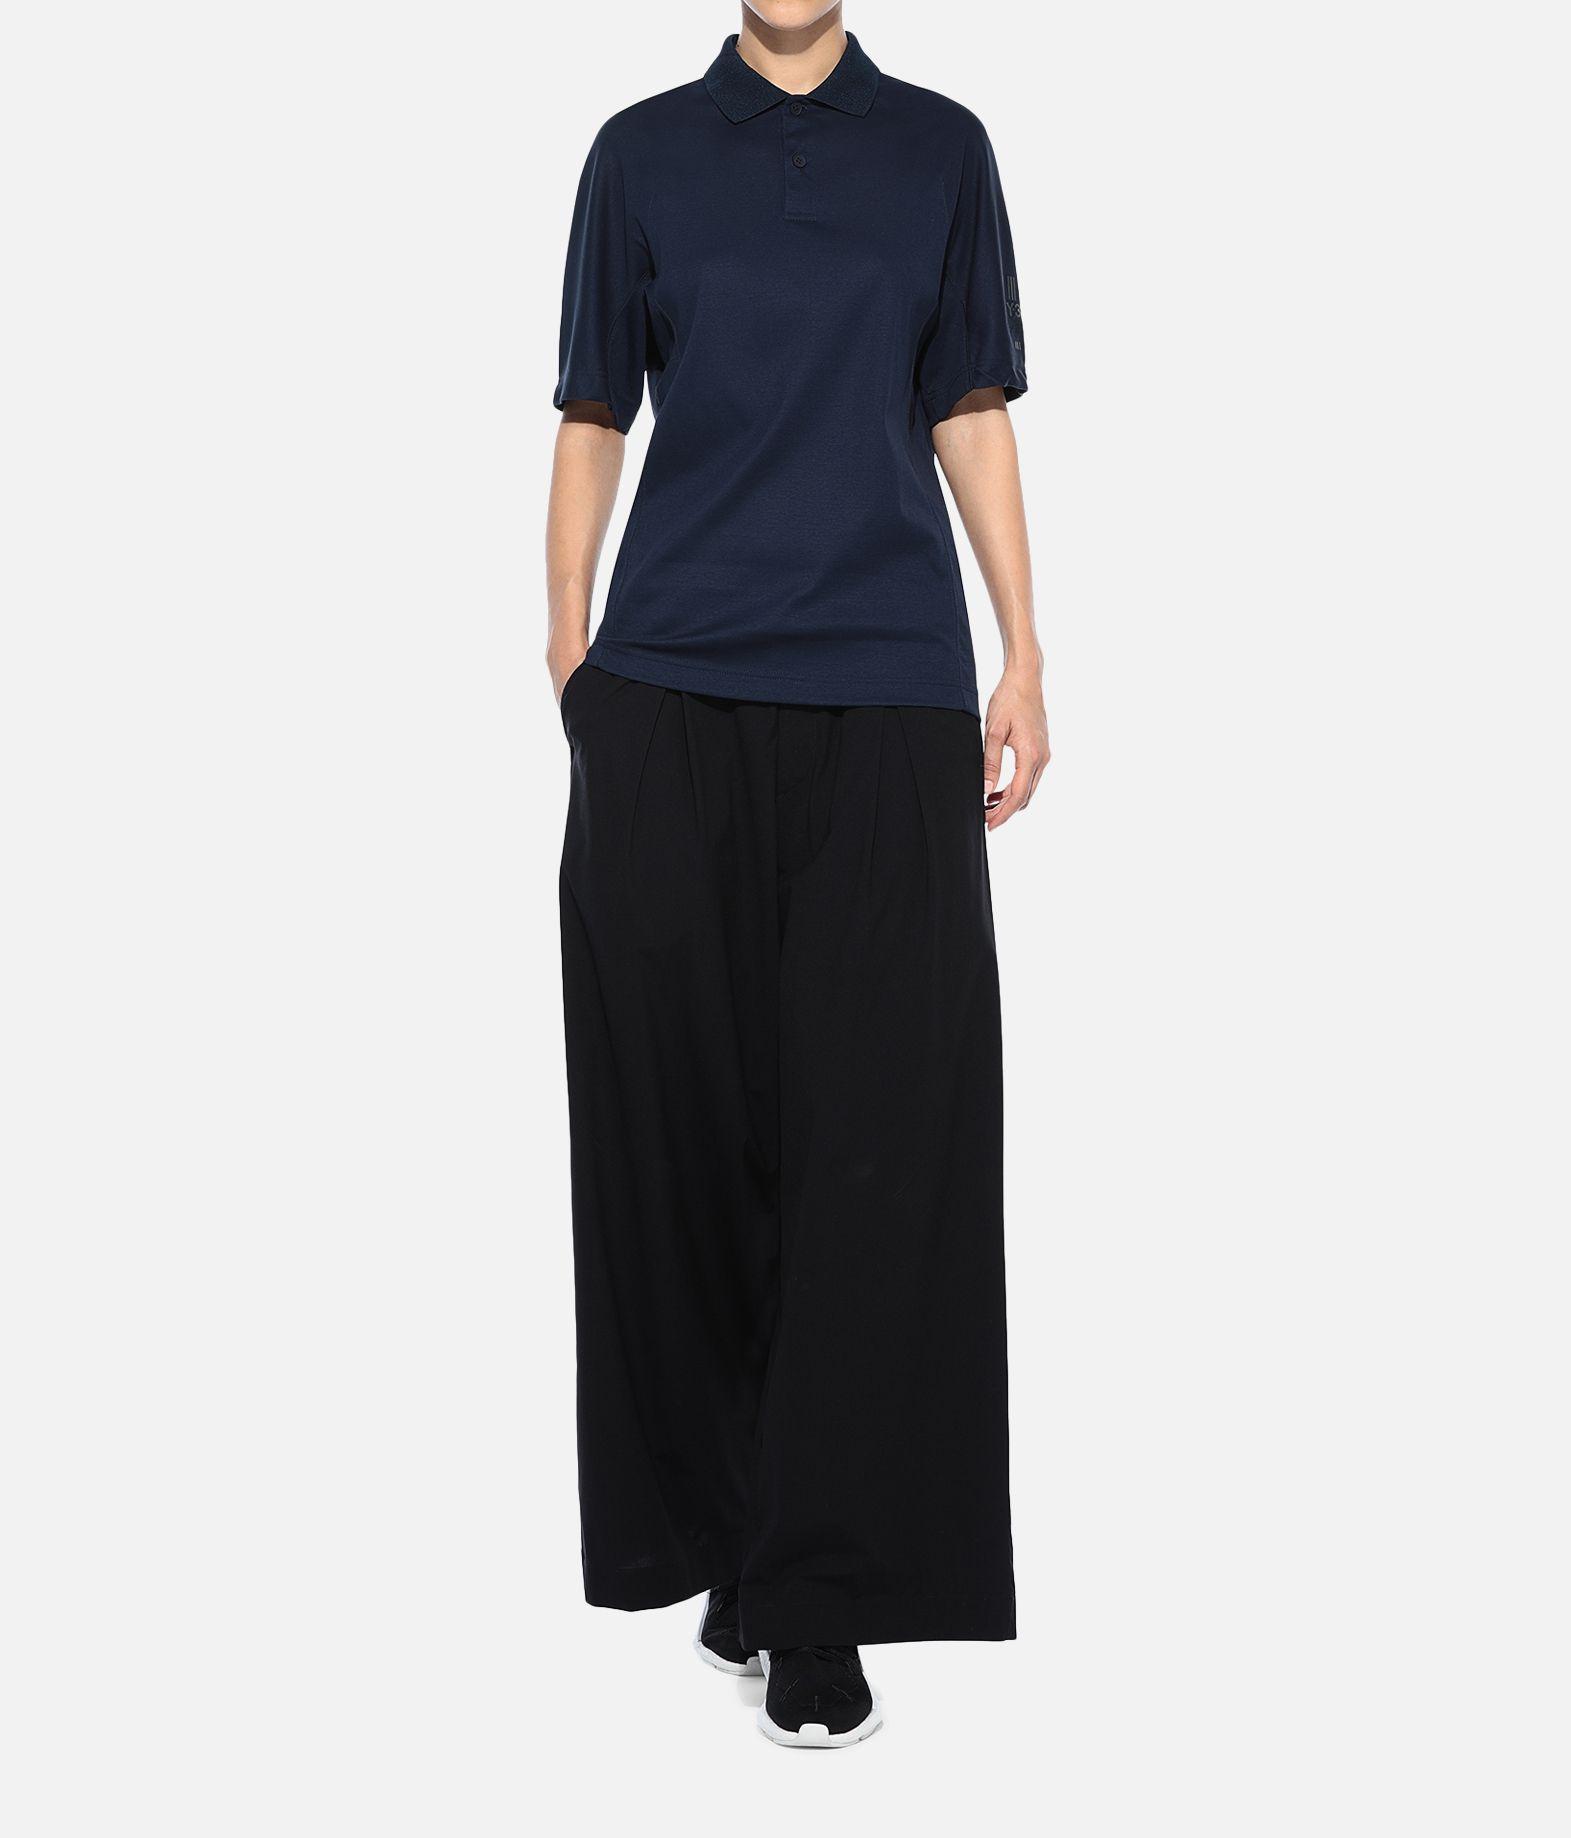 Y-3 Y-3 New Classic Polo Shirt  Поло Для Женщин a